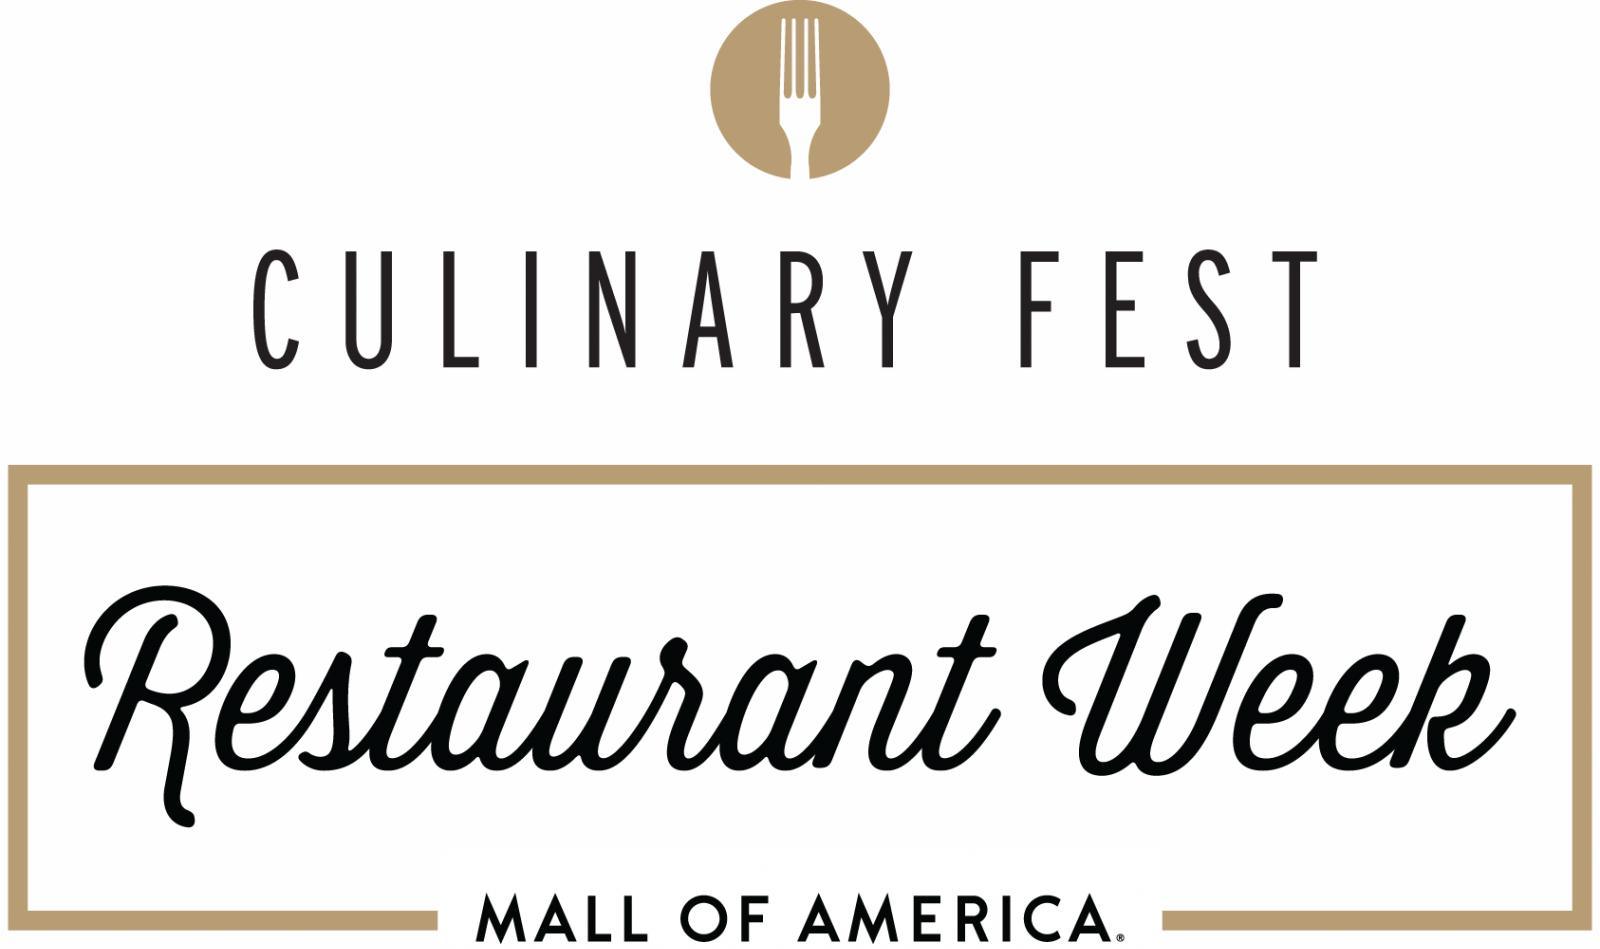 Mall of America Culinary Fest Restaurant Week